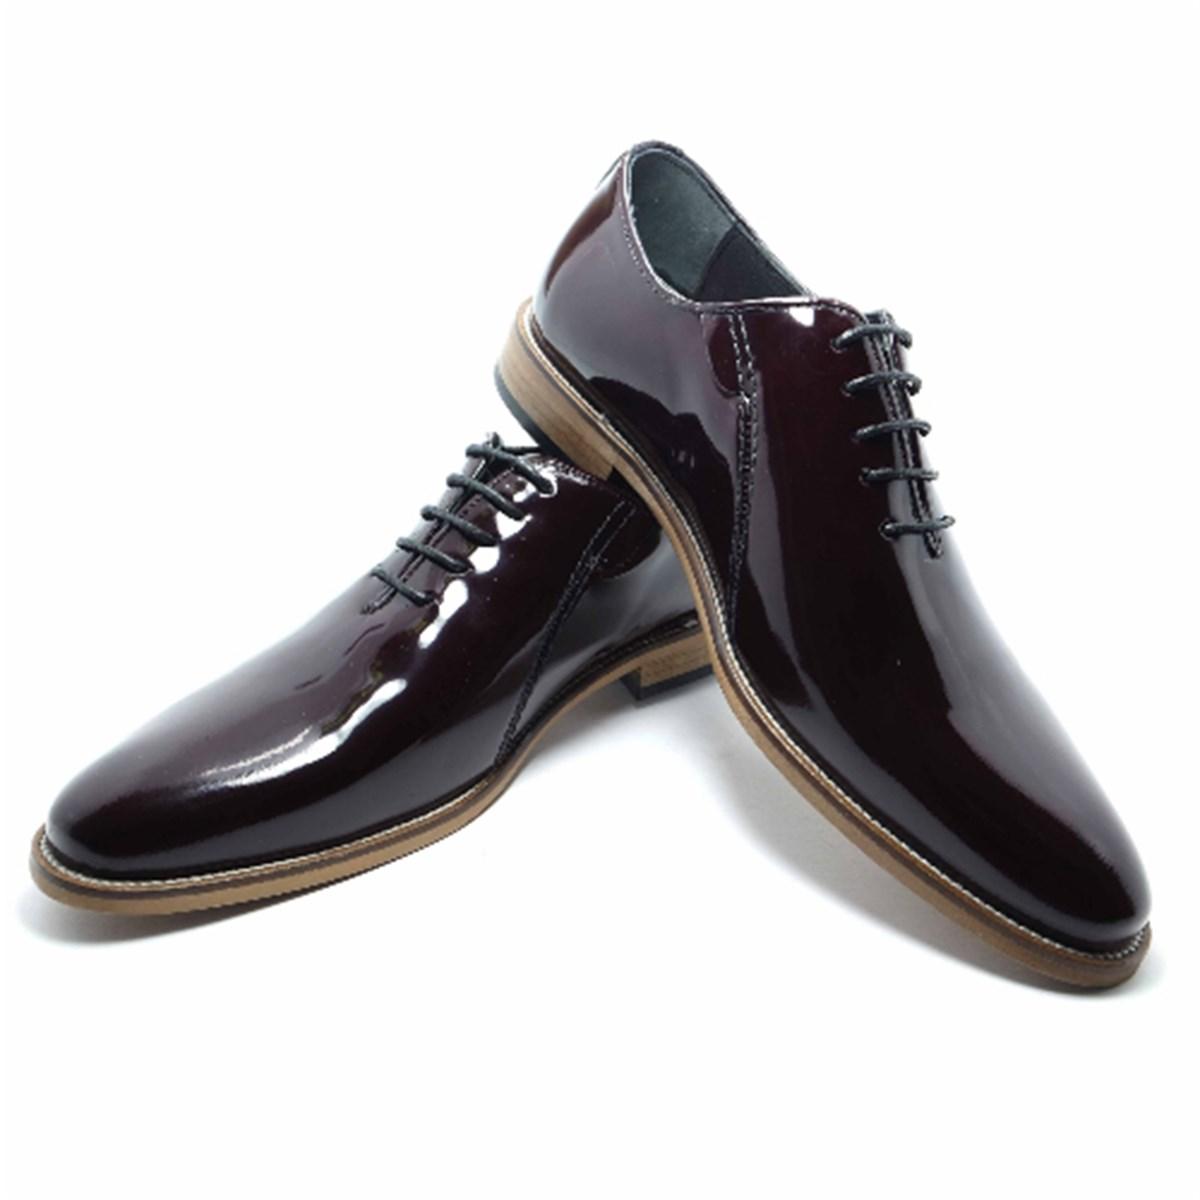 Yeni Sezon Damat Ayakkabı Modelleri 2016